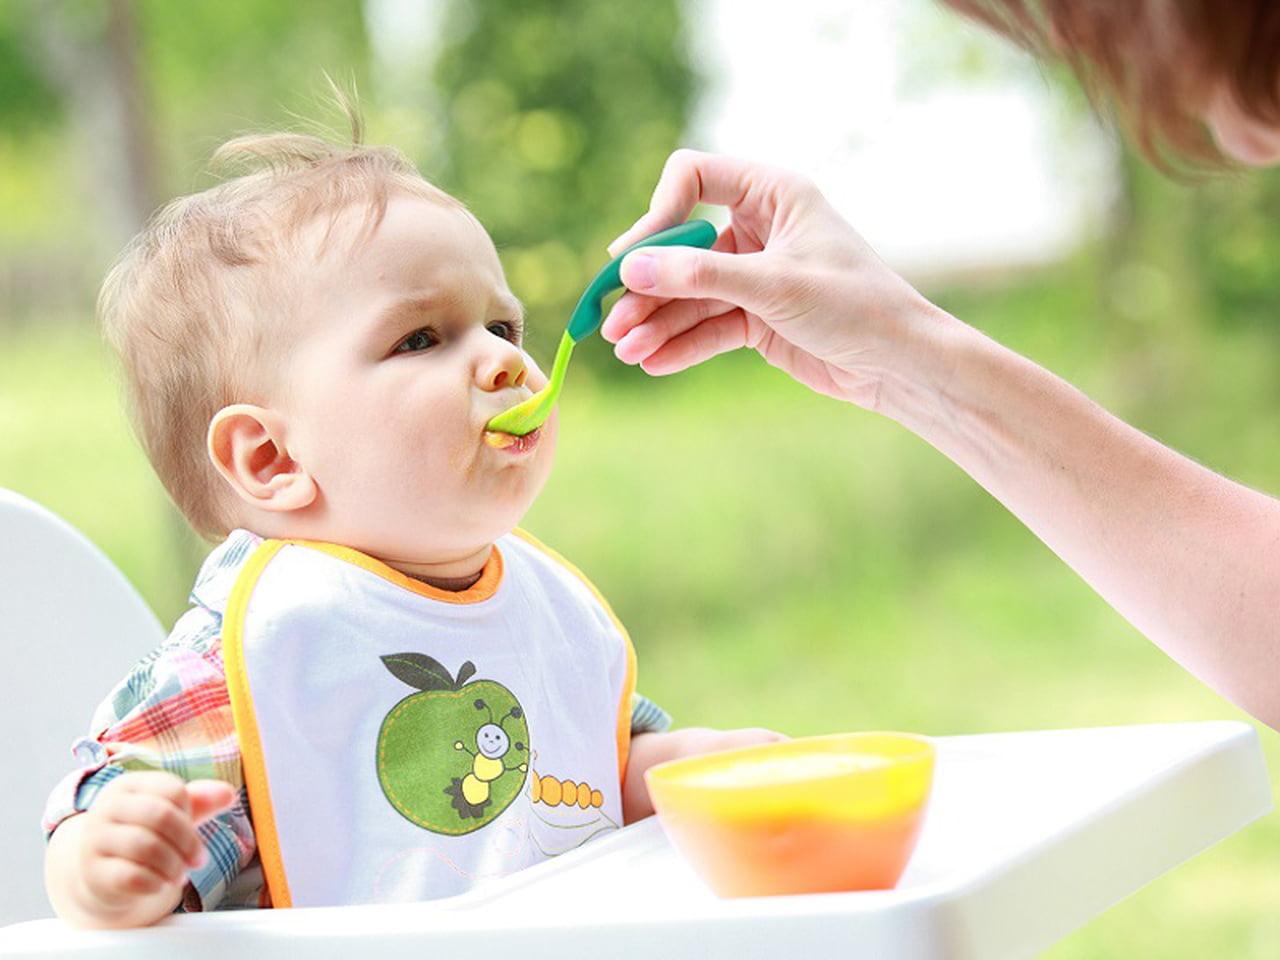 صورة حركات طفل 5 شهور , تطورات حركه الطفل ذات الخمس شهور